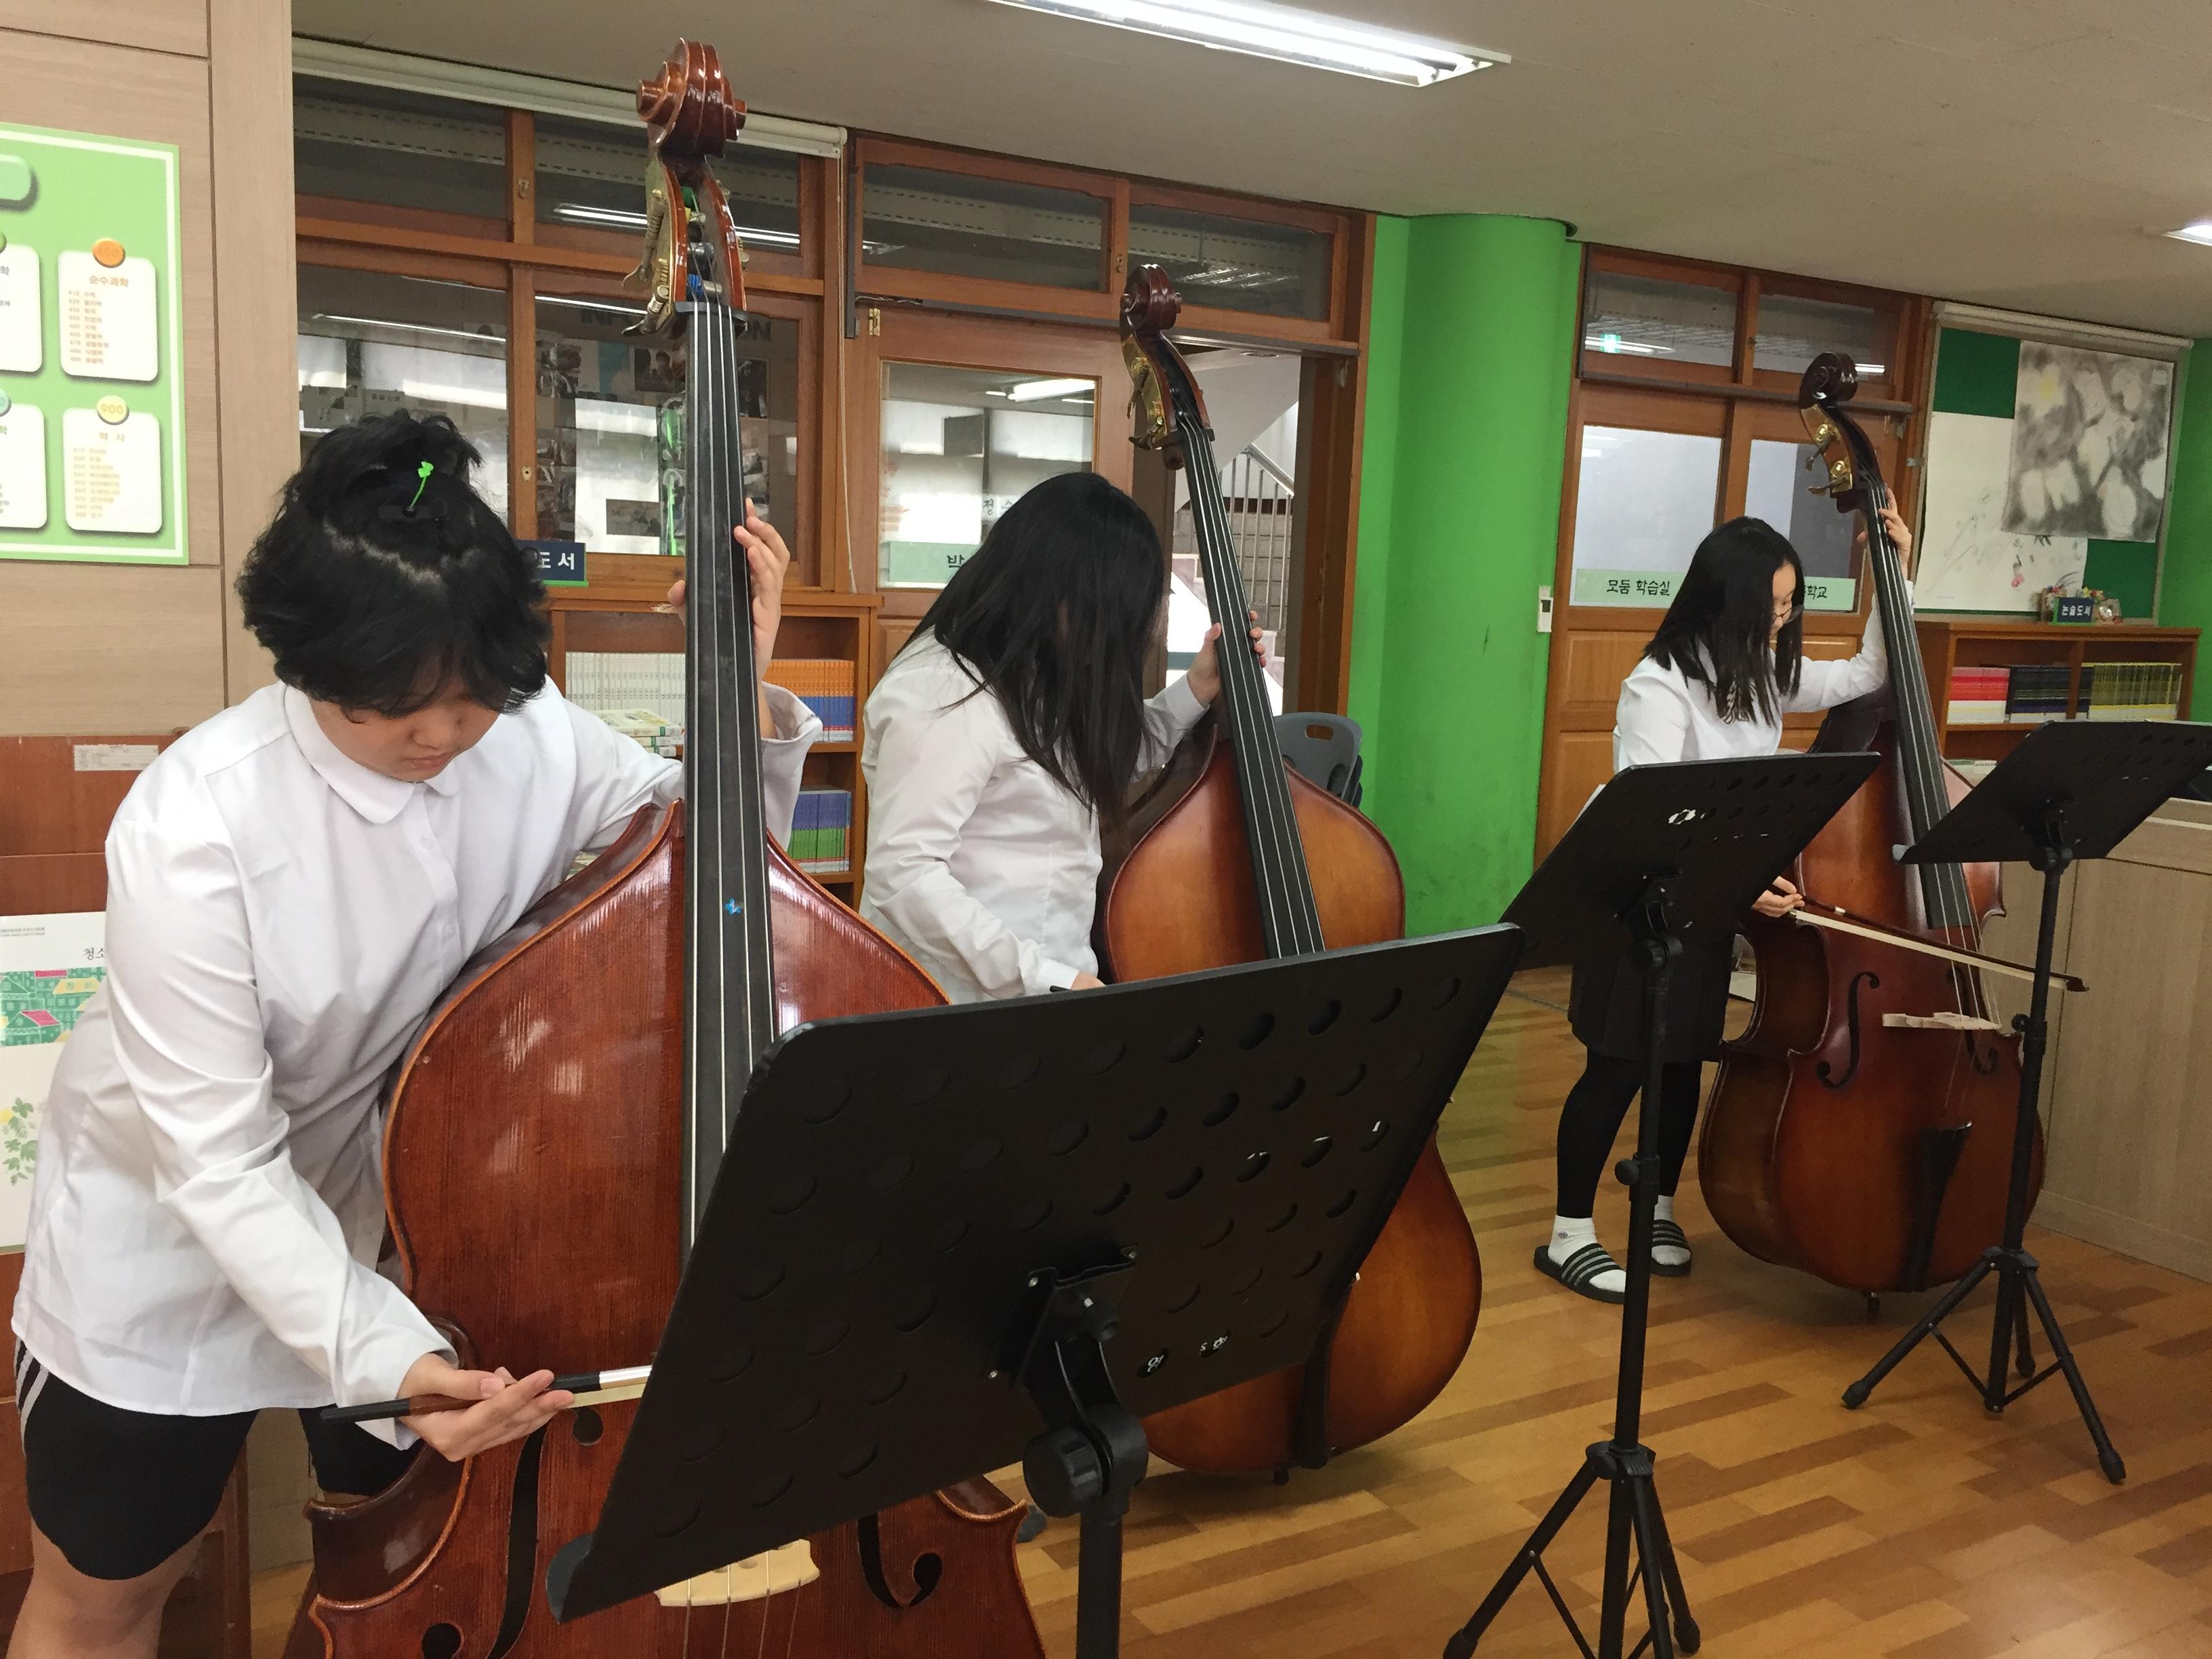 [일반] YB오케스트라 파트 활동의 첨부이미지 2